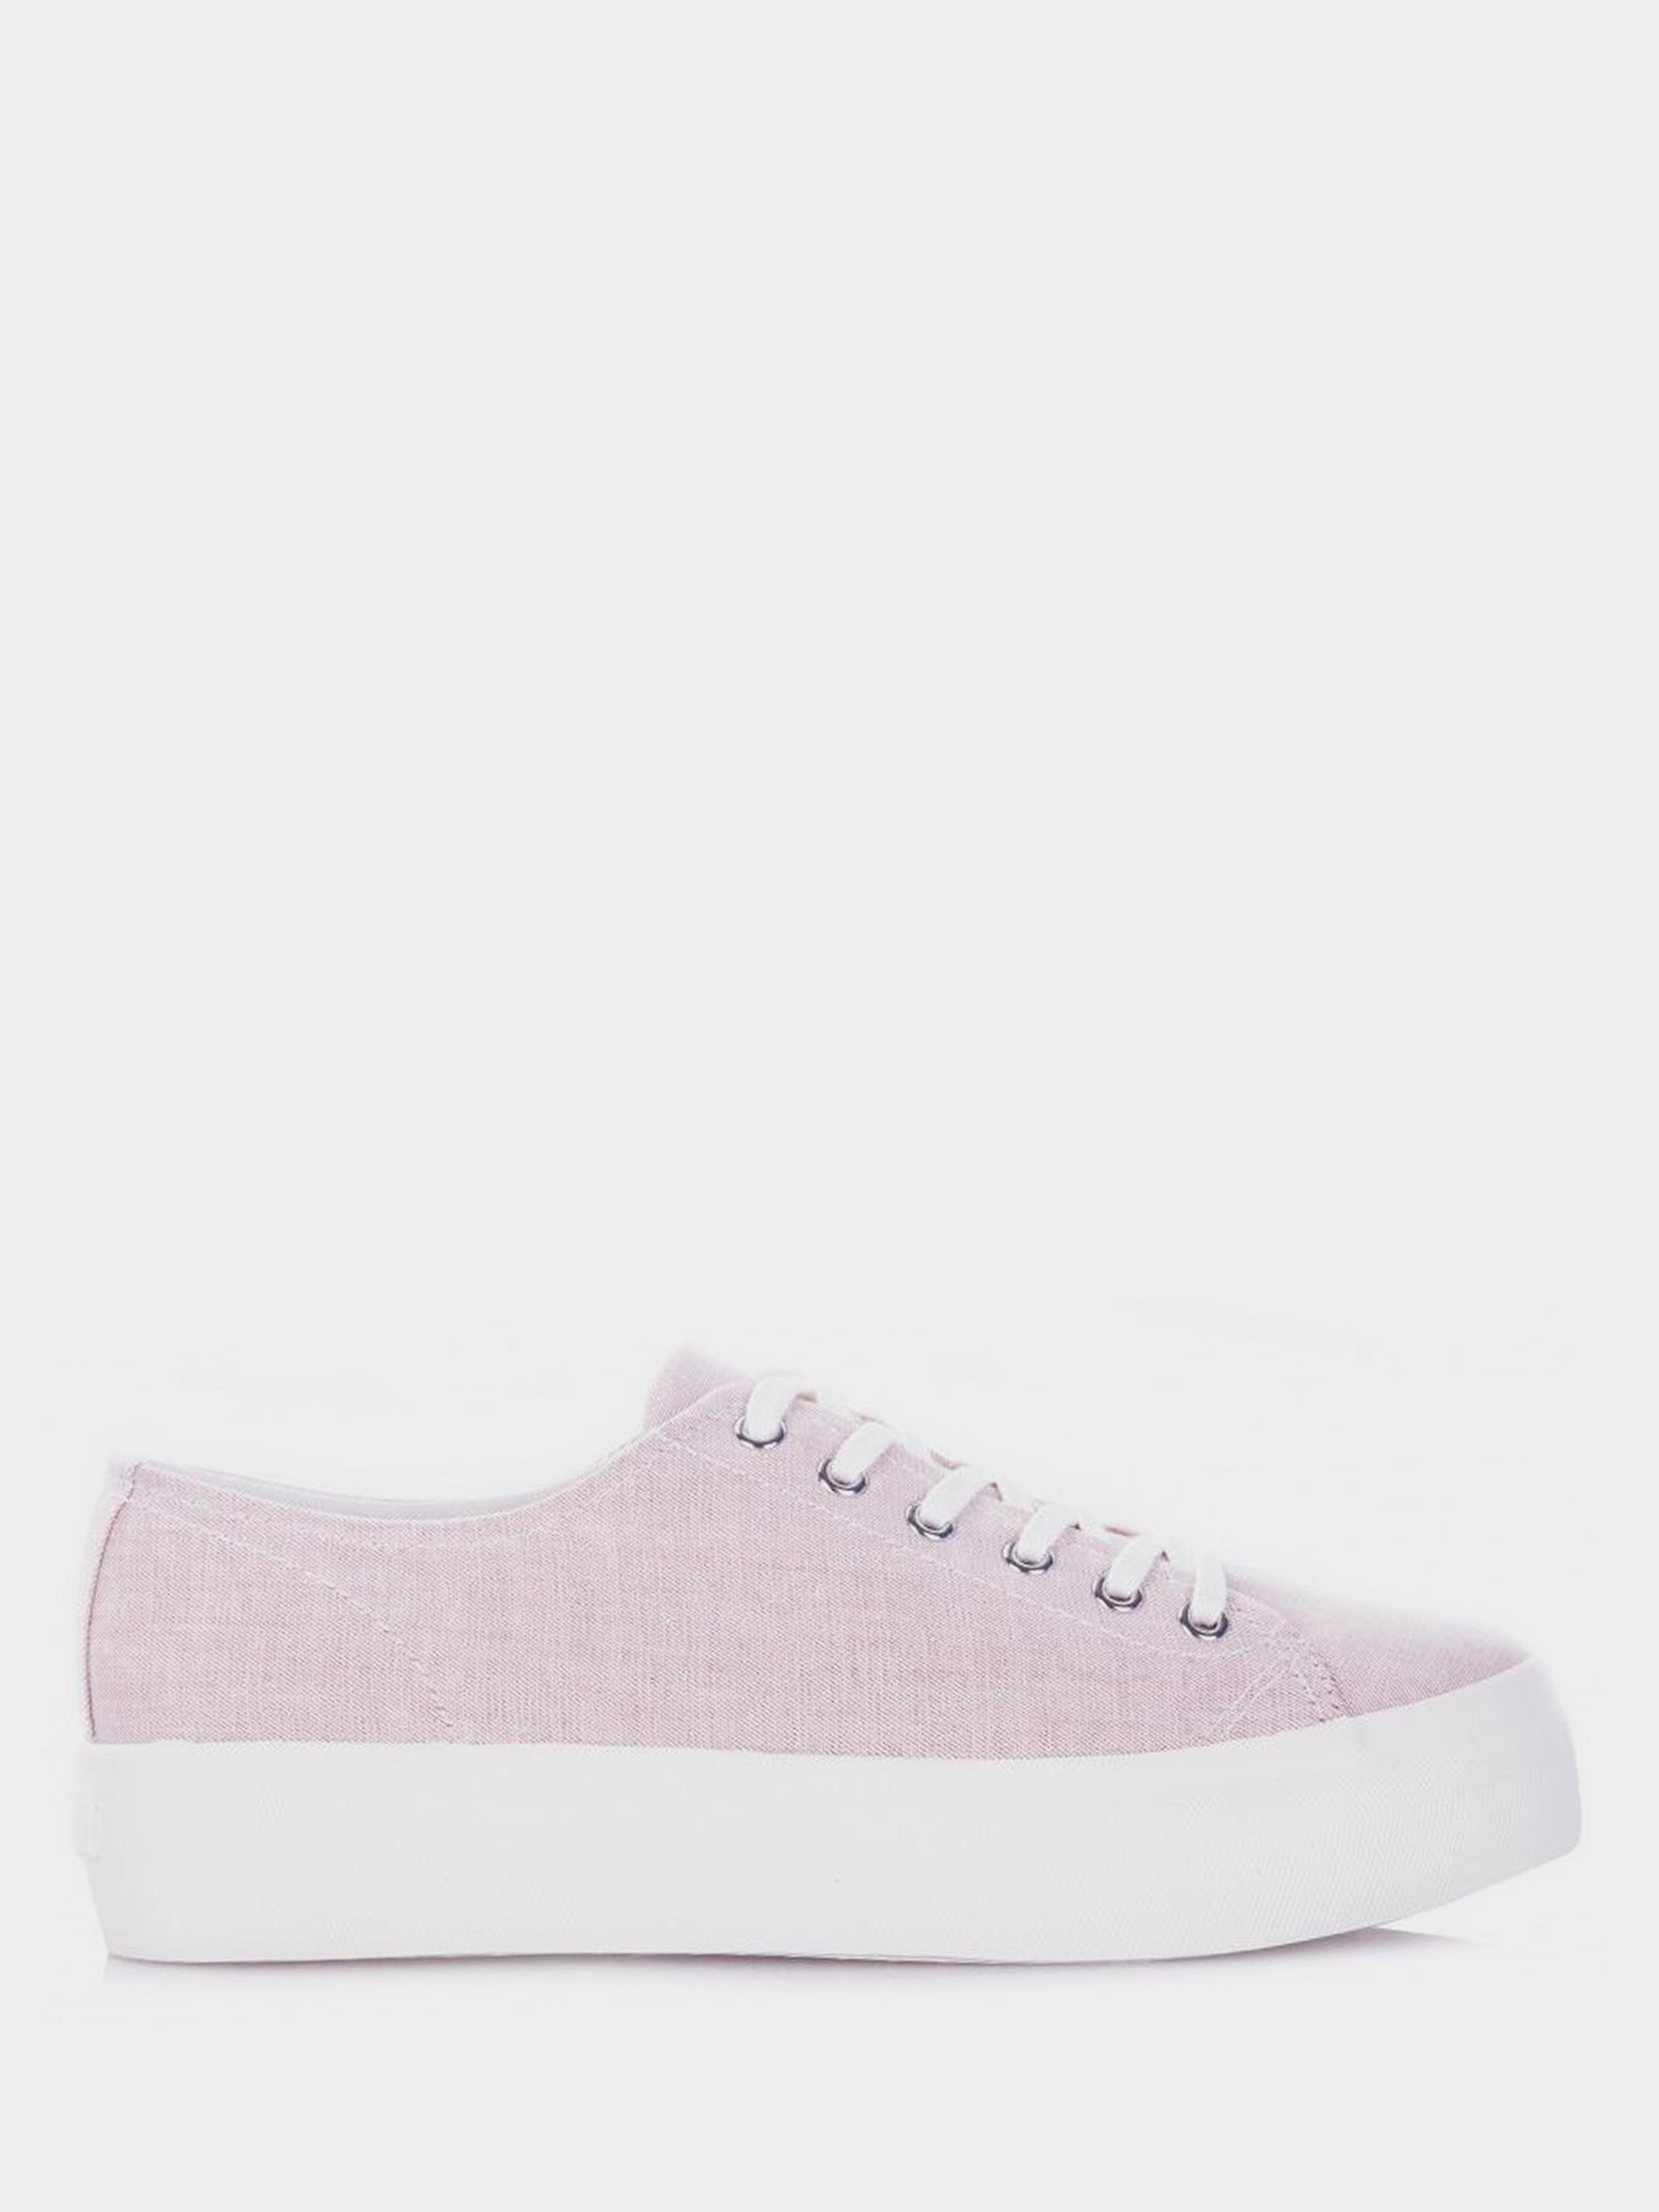 Полуботинки женские VAGABOND PEGGY VW5325 брендовая обувь, 2017